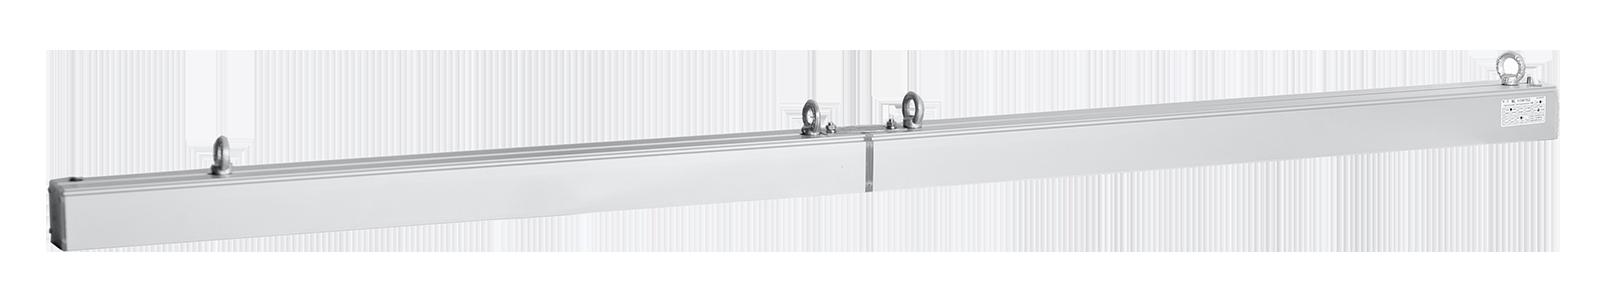 Линейный торговый светодиодный светильник LINE-T-013-56-50r